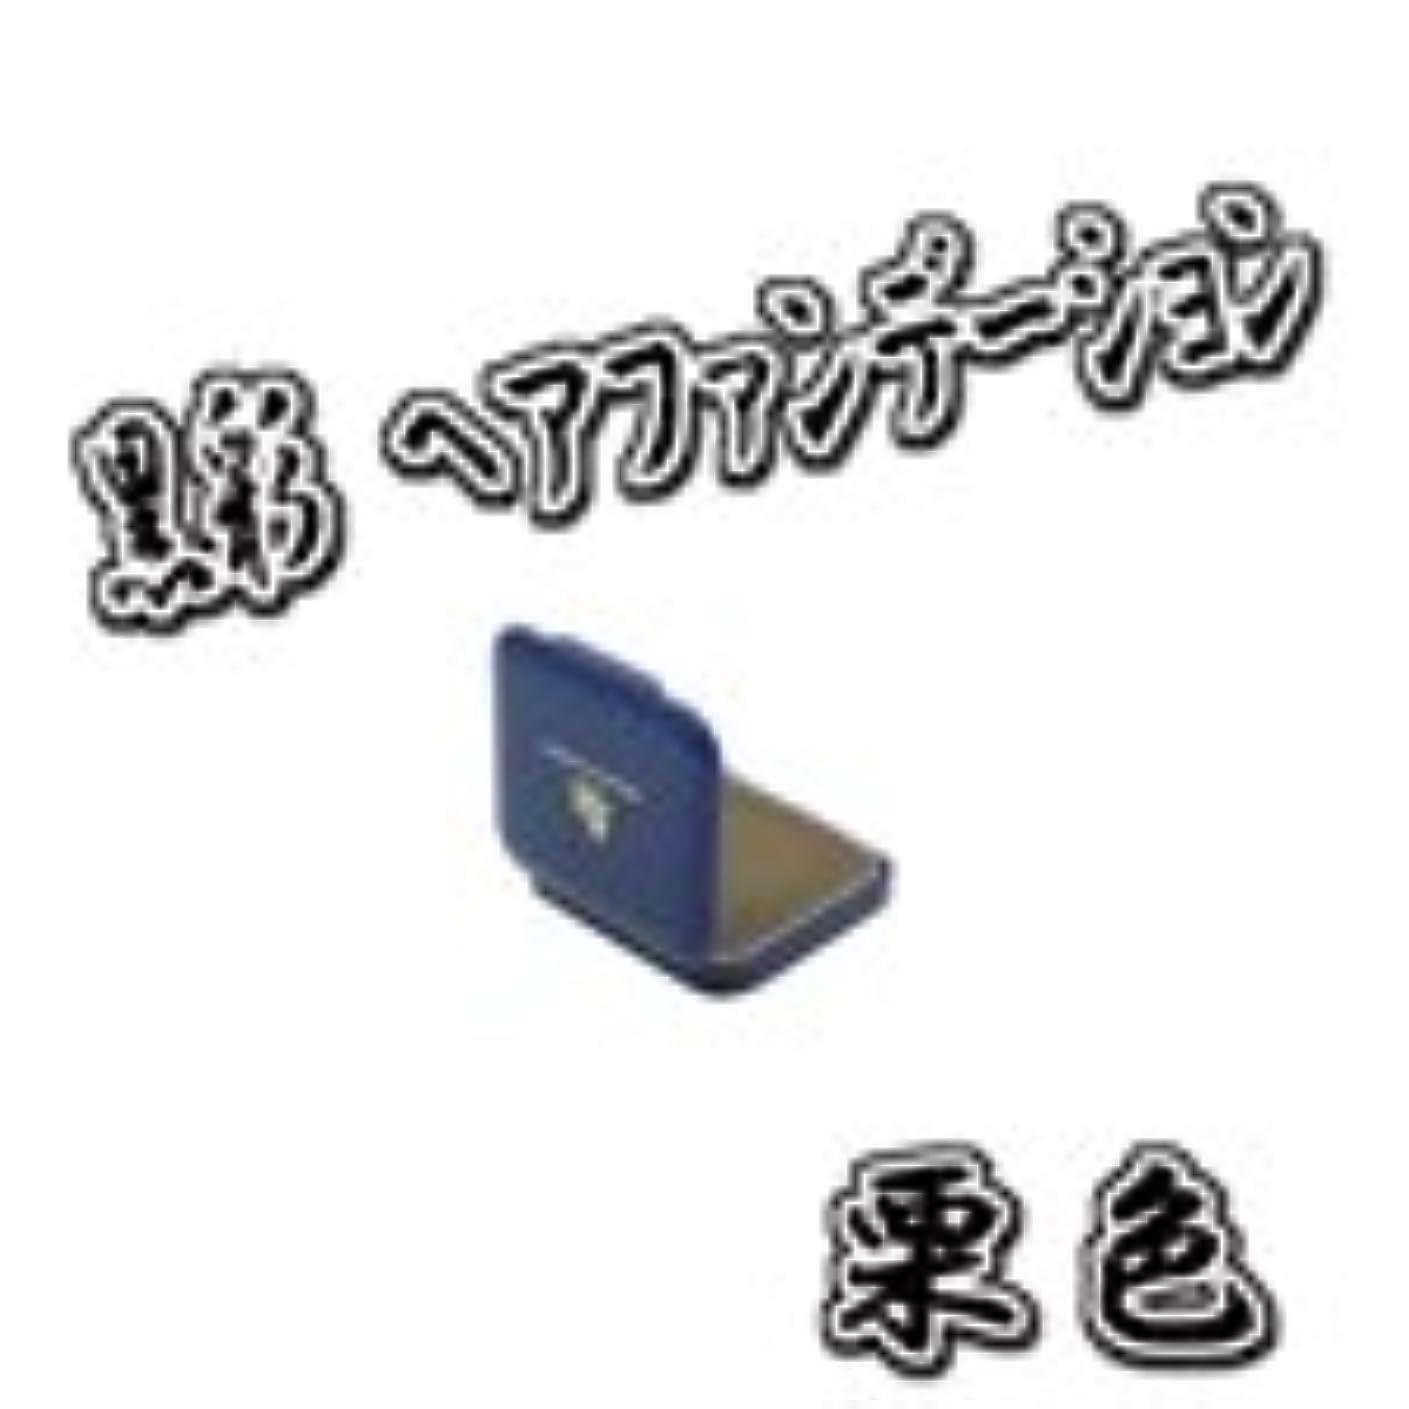 悪因子から聞くマインドAMOROS アモロス 黒彩 ヘアファンデーション 【栗】 13g ミニケース パフ付